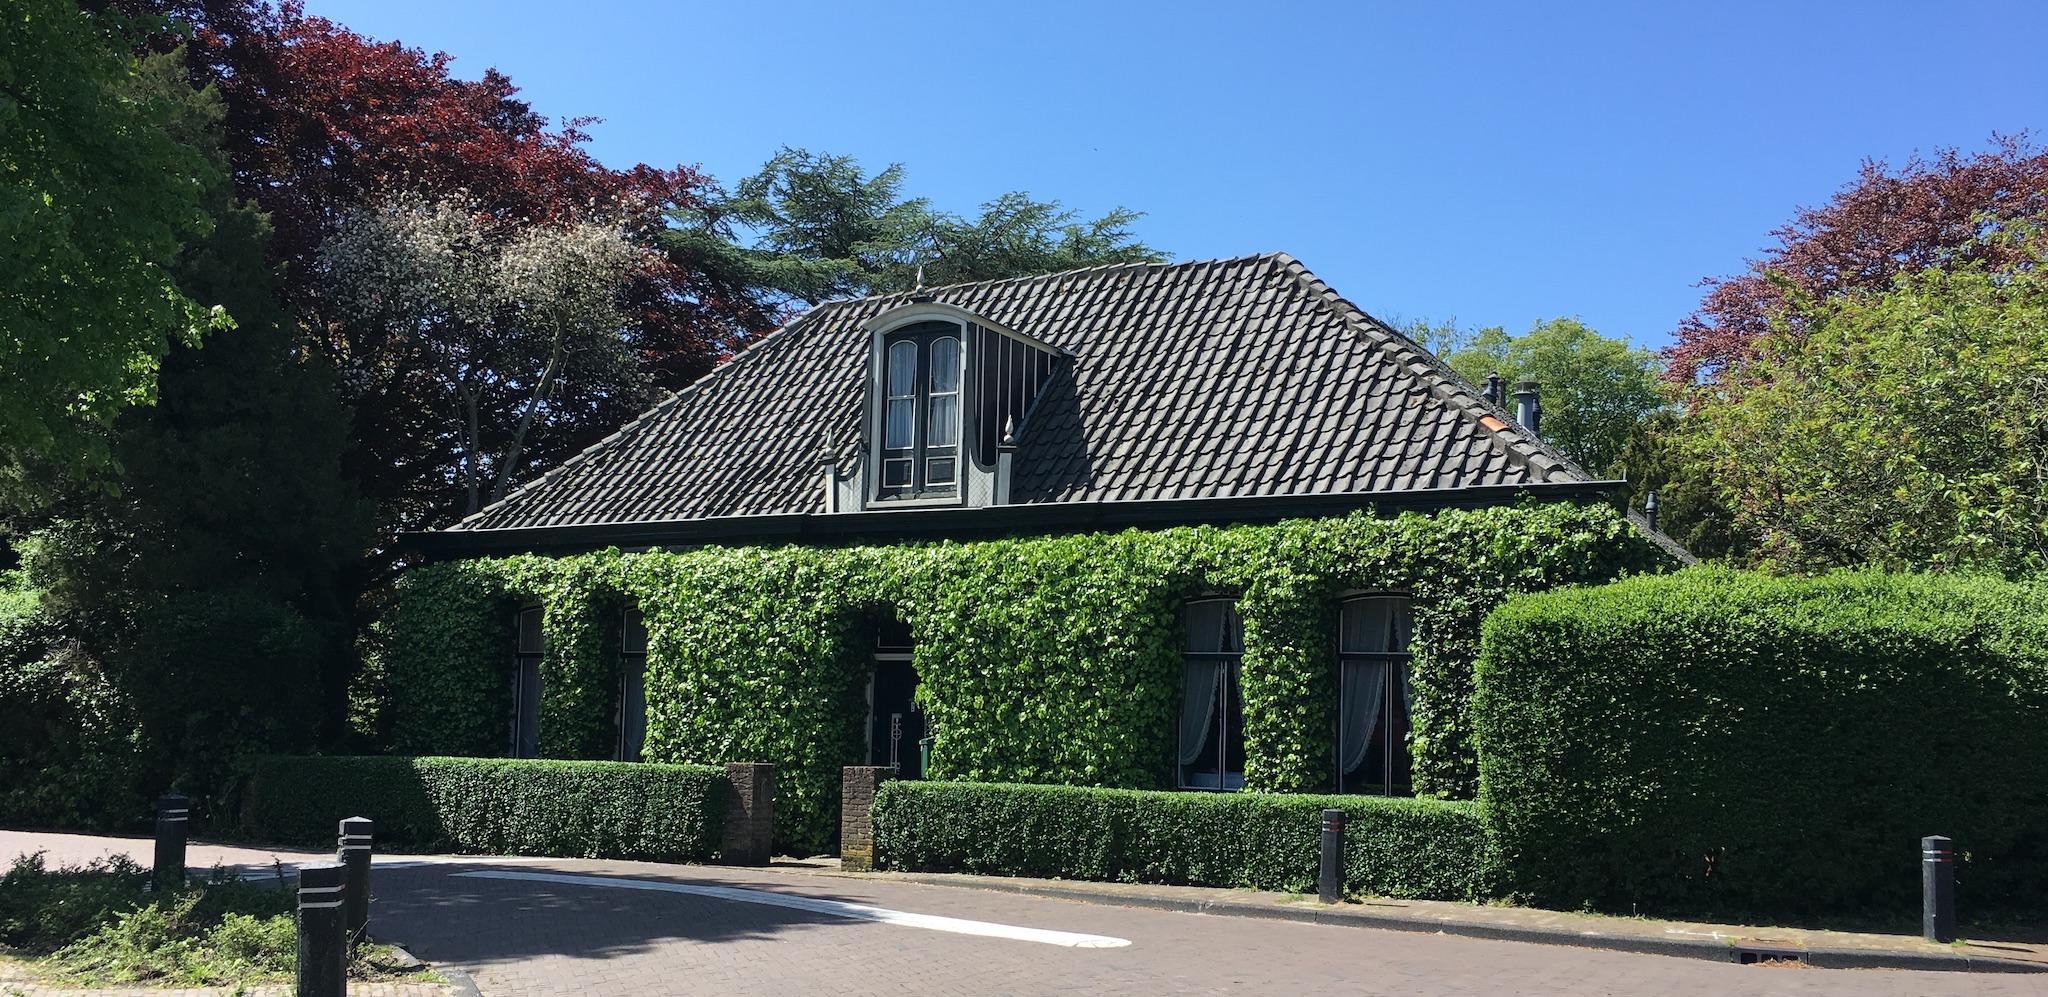 Zorgvilla Zuilenhof - Van Hollant Bergen NH